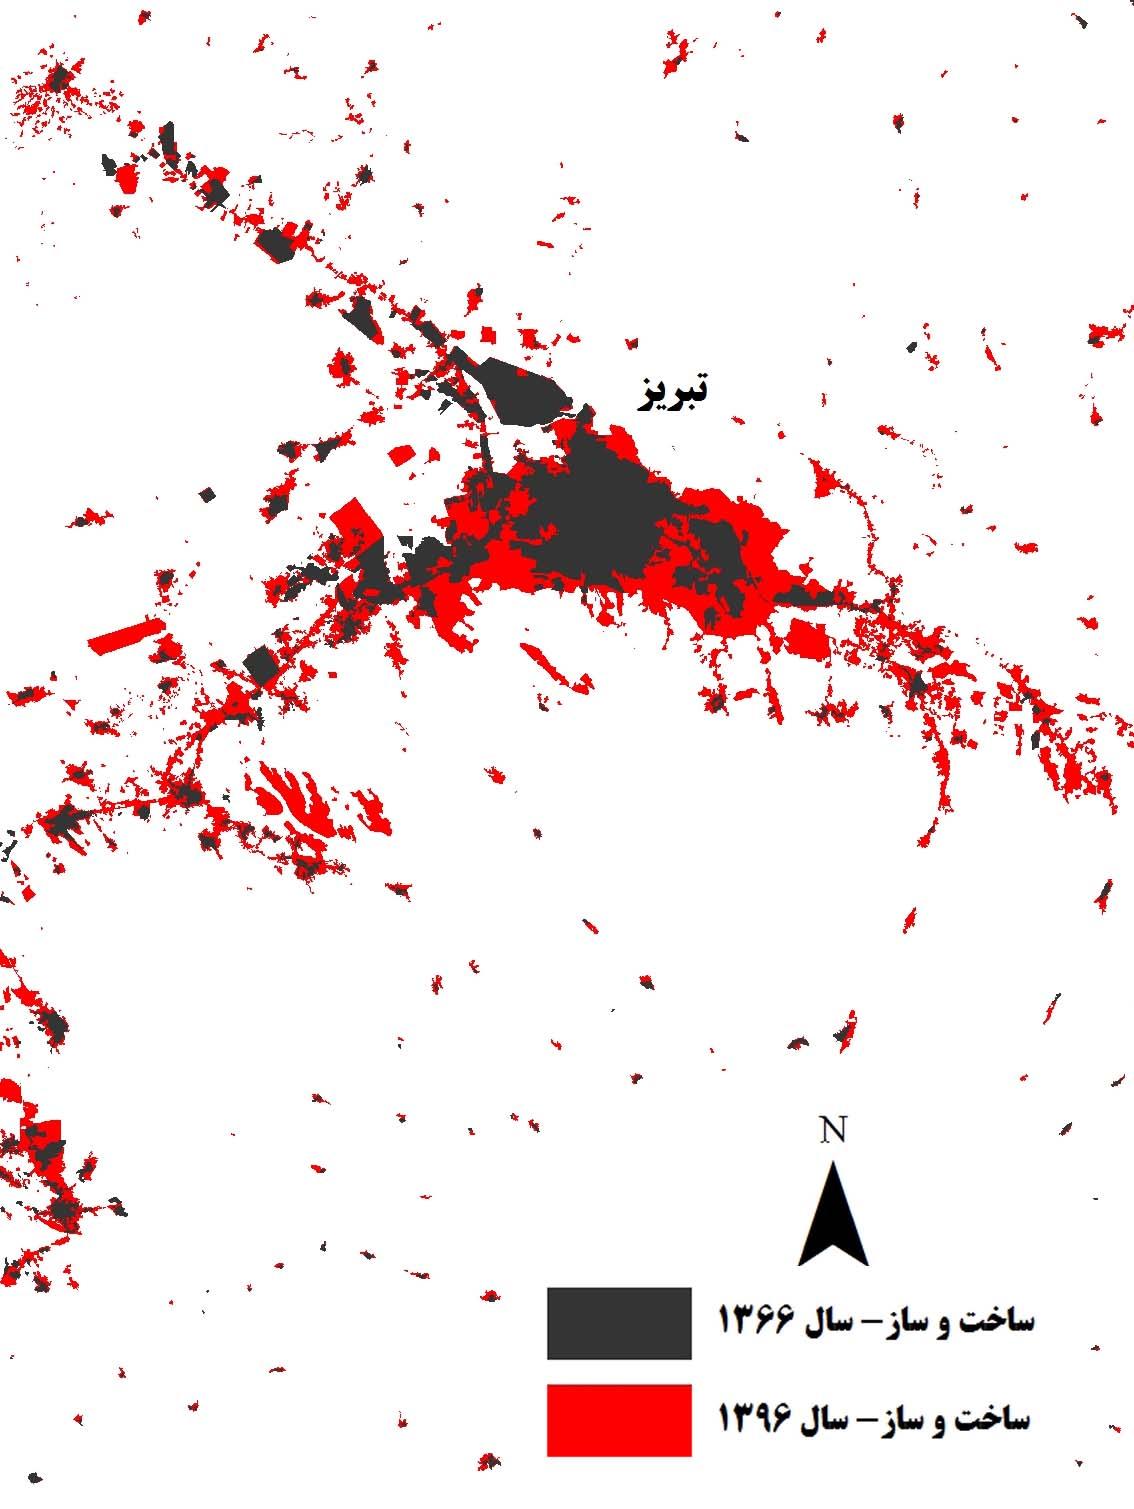 مساحت تقریبی محدوده شهر تبریز و اطراف آن در سال 1366، حدود 91.6 کیلومتر مربع